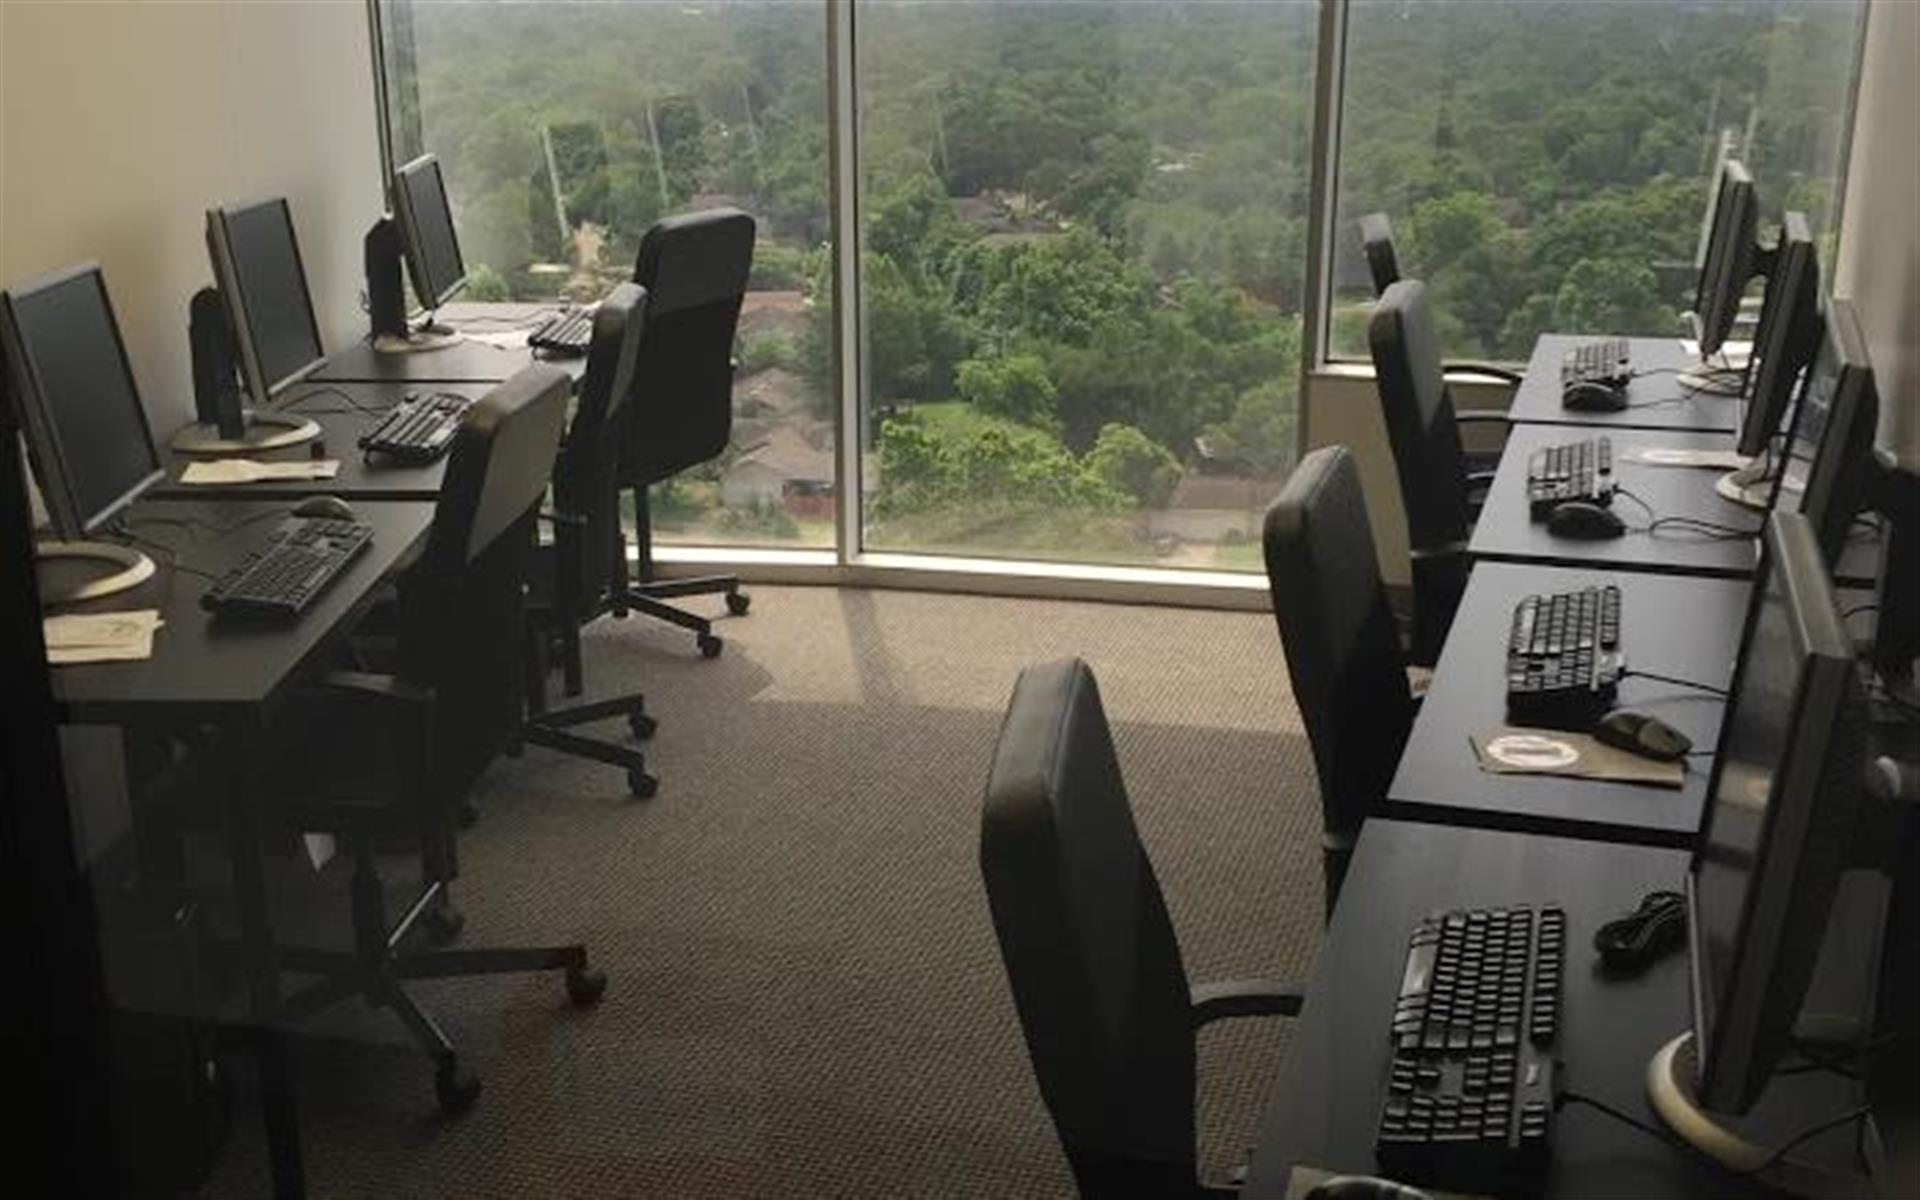 AdeptMAX Corp. - Dedicated Desks